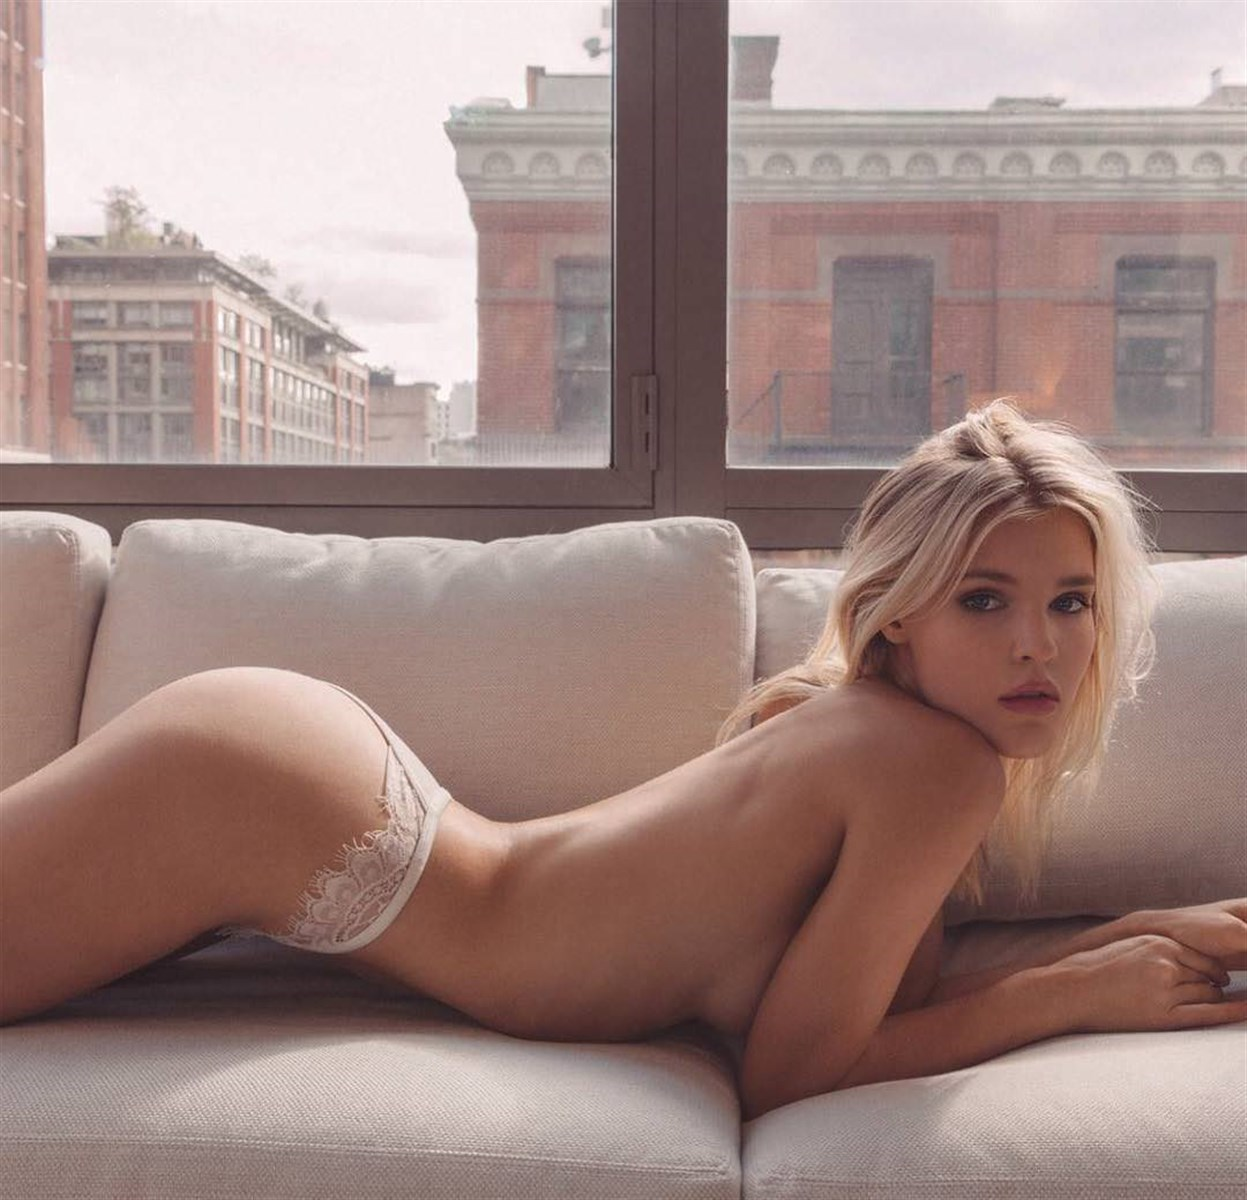 Joy Corrigan Naked model joy corrigan nude leaked selfies - celebrity leaks